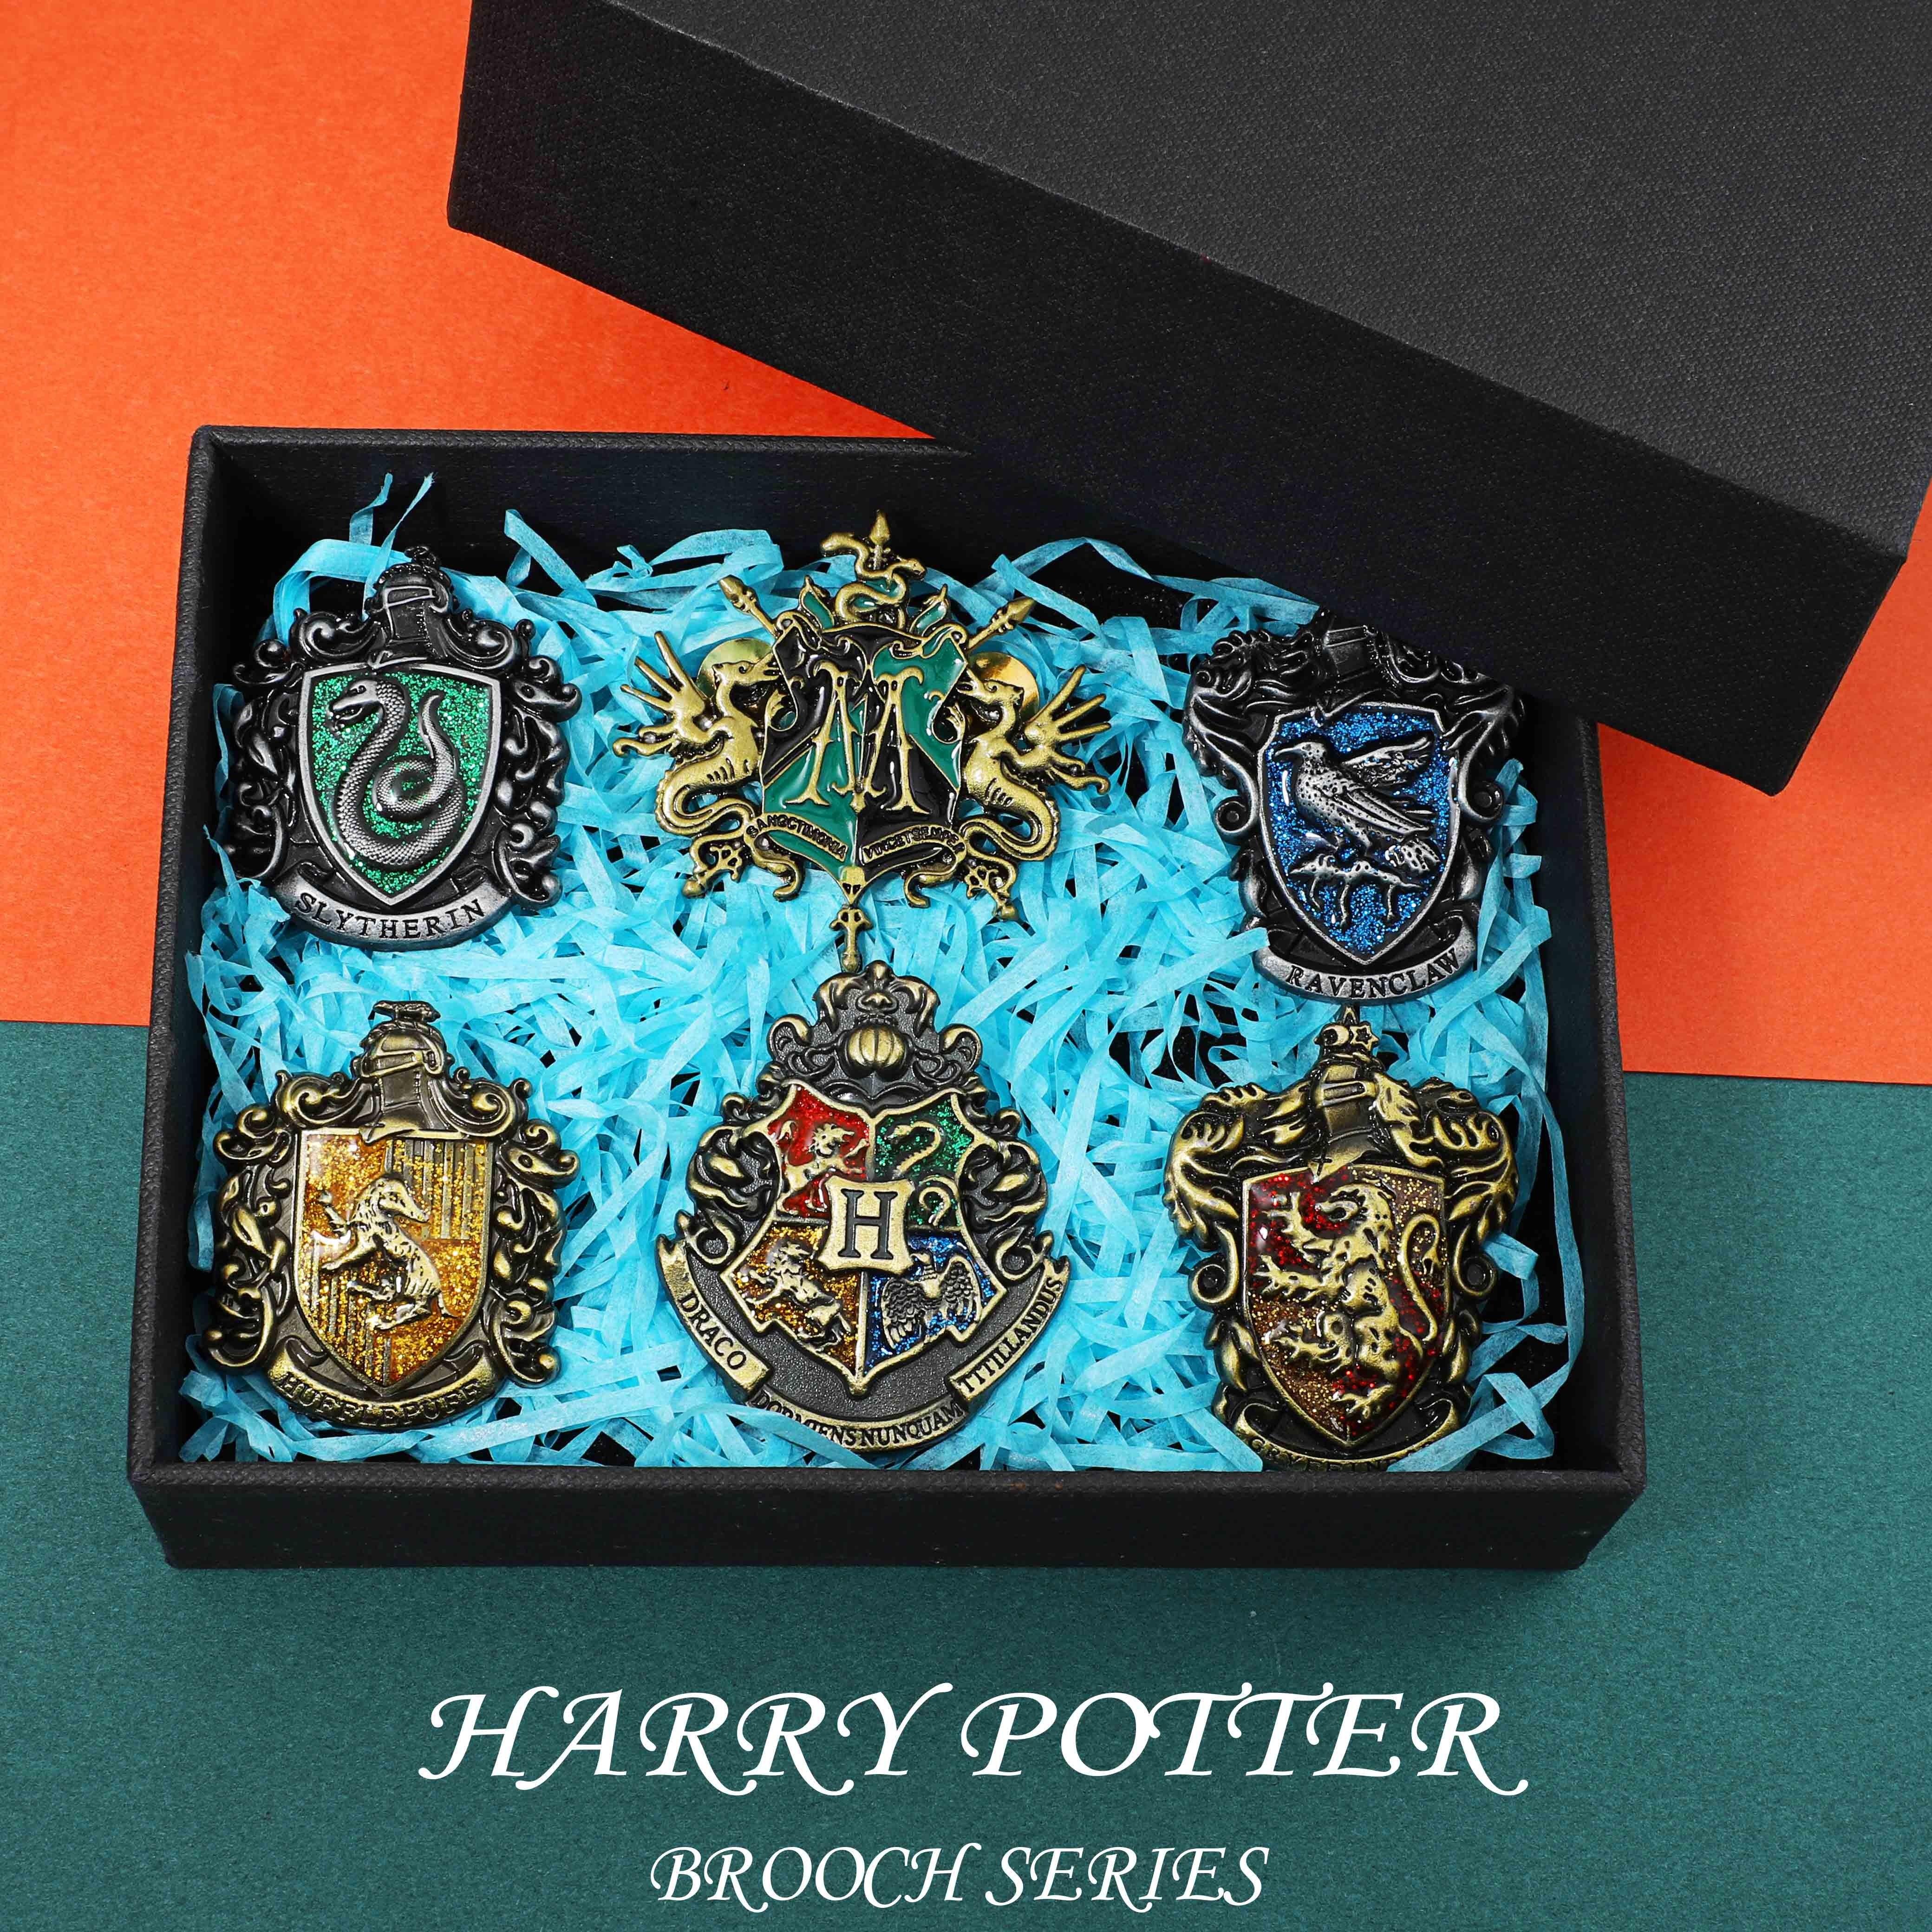 哈利波特周边霍格沃茨格兰芬多斯莱特林胸针学院徽章礼盒生日礼物